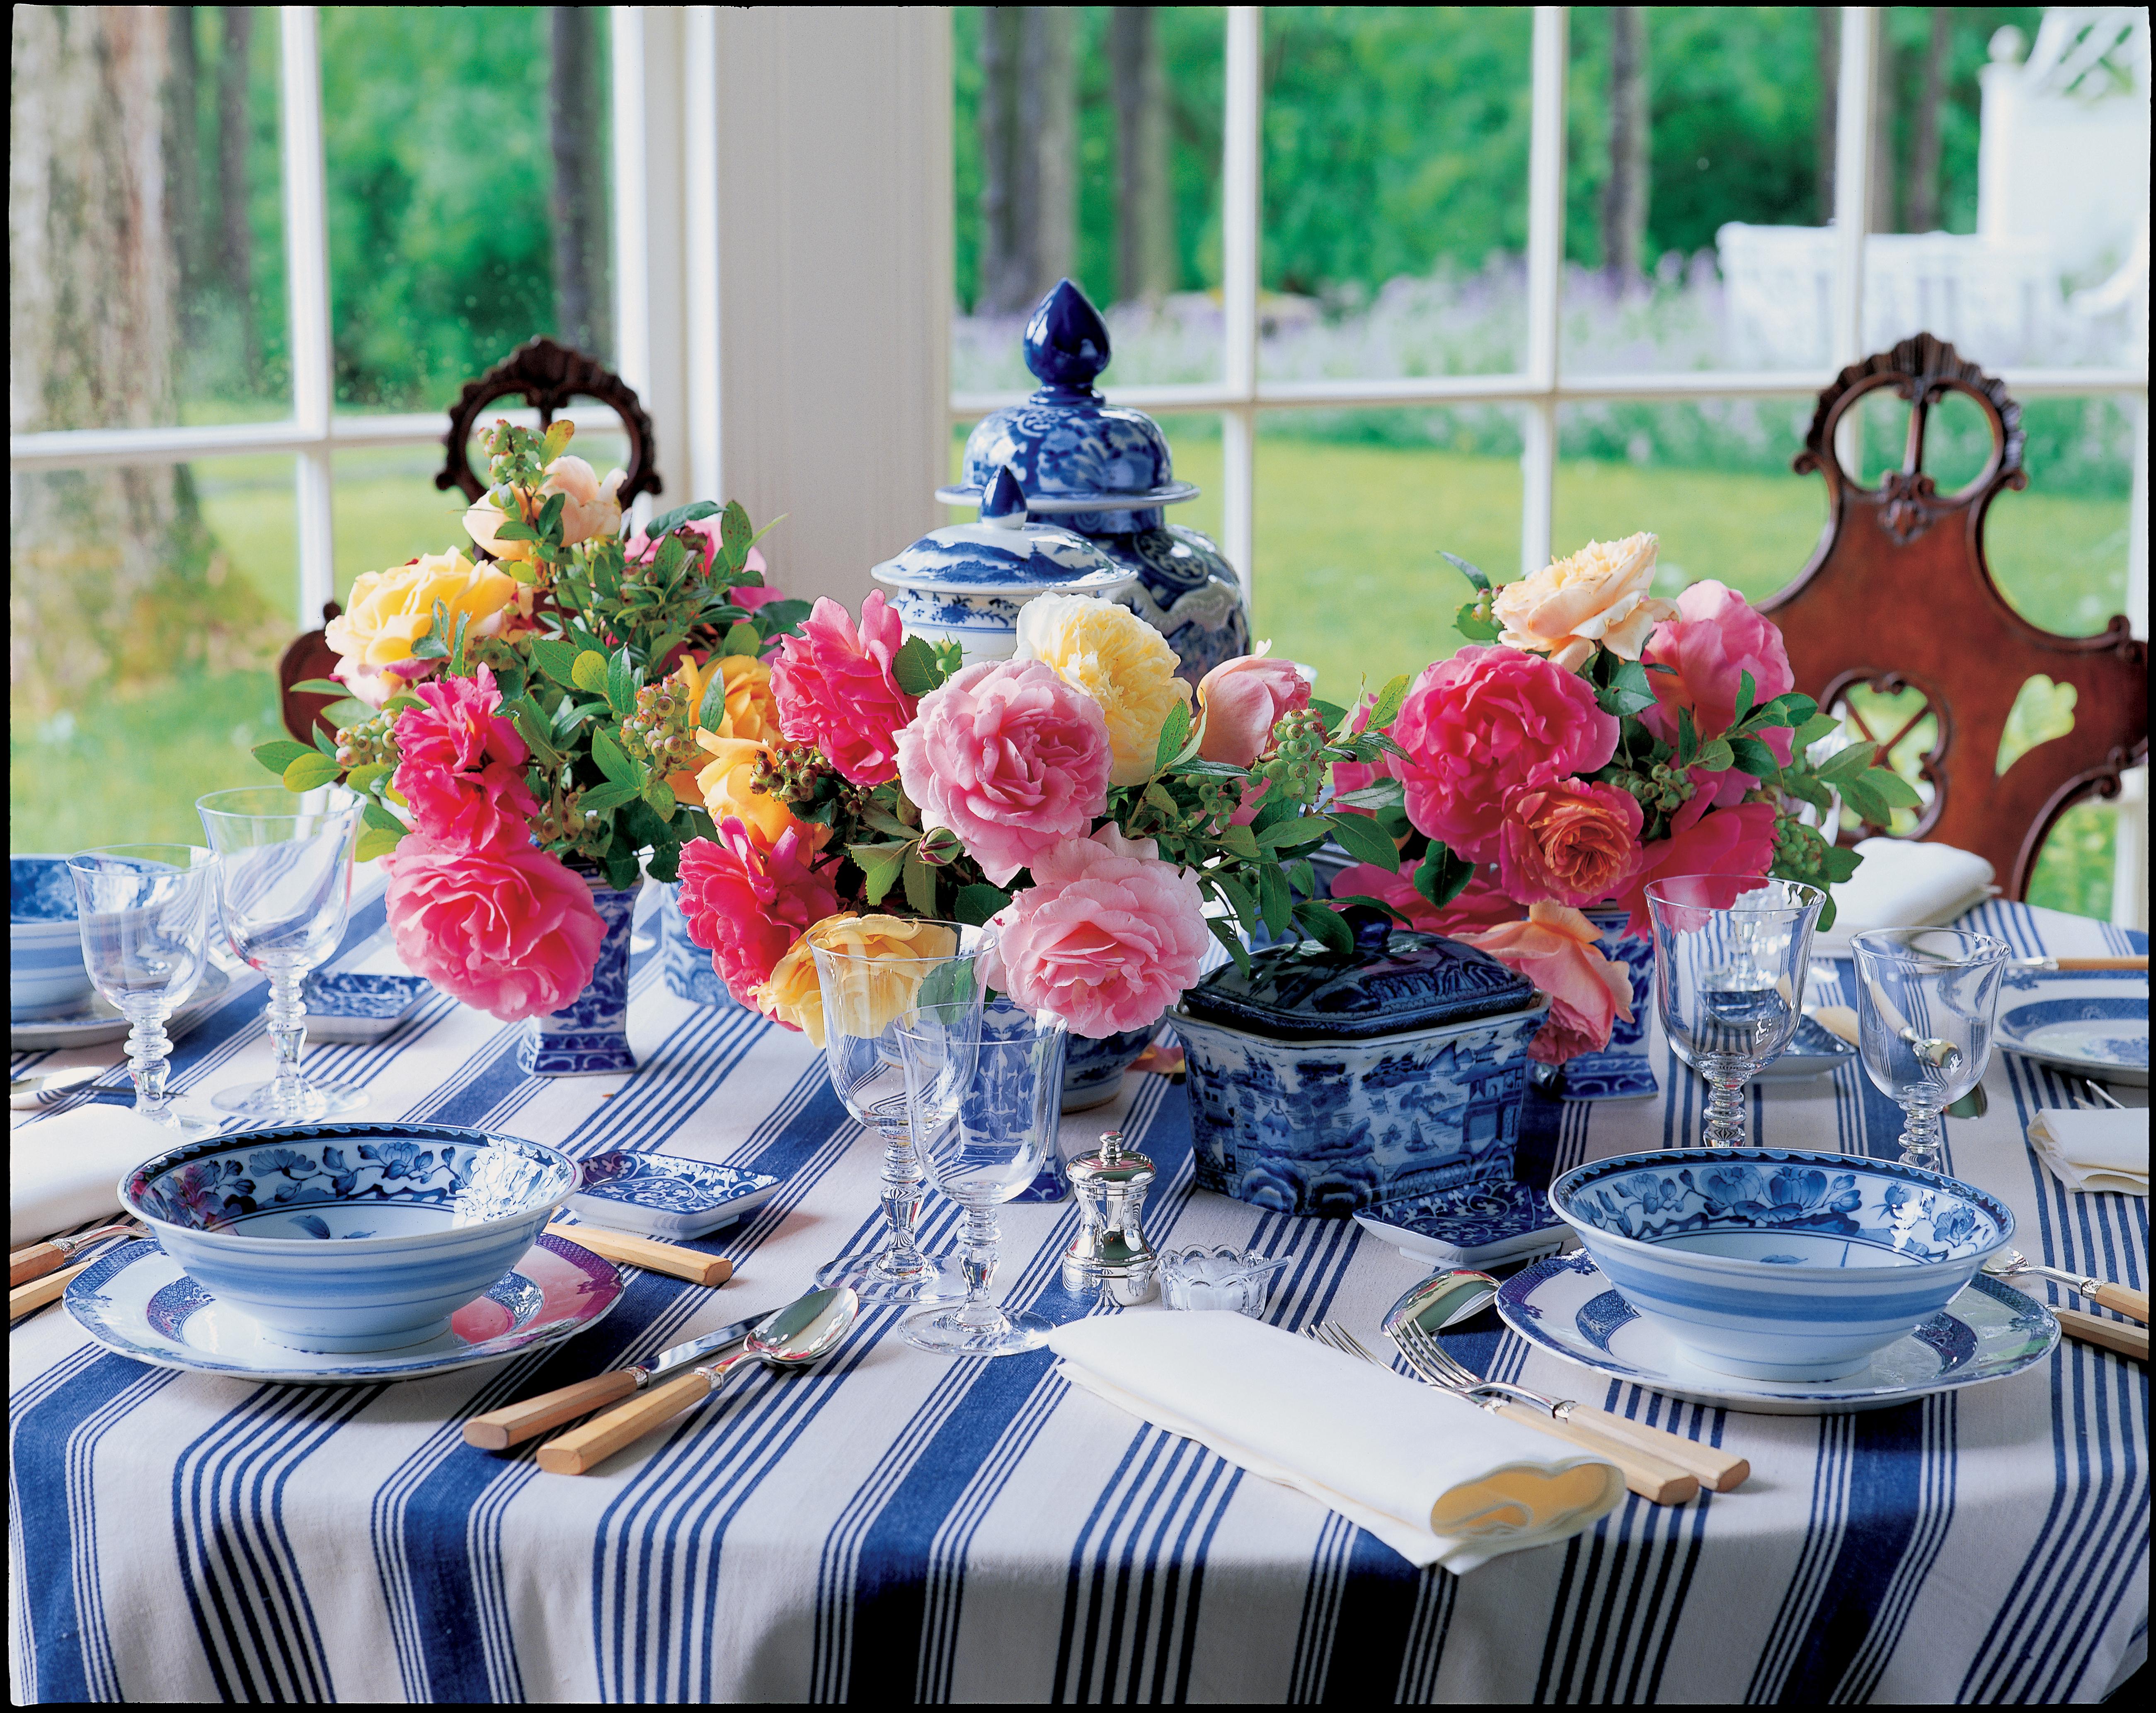 Floral Arrangements · Tablescapes